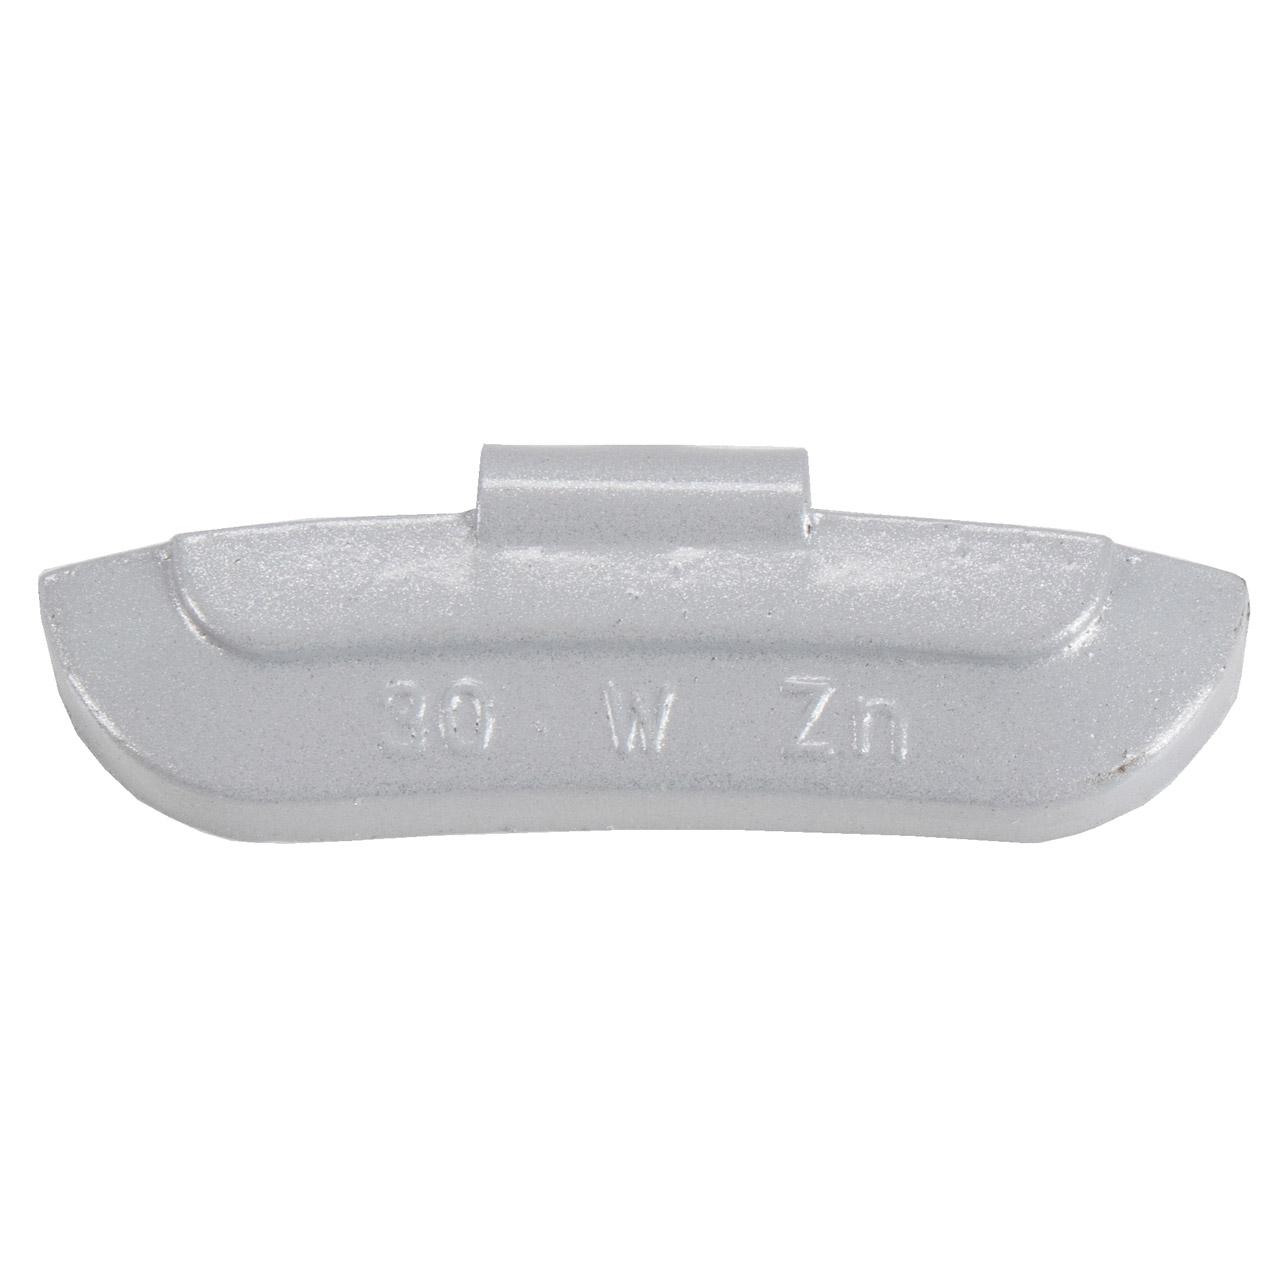 GEMATIC Auswuchtgewicht Schlaggewicht für Stahlfelge GRAU-ZINK 100 Stück x 30g